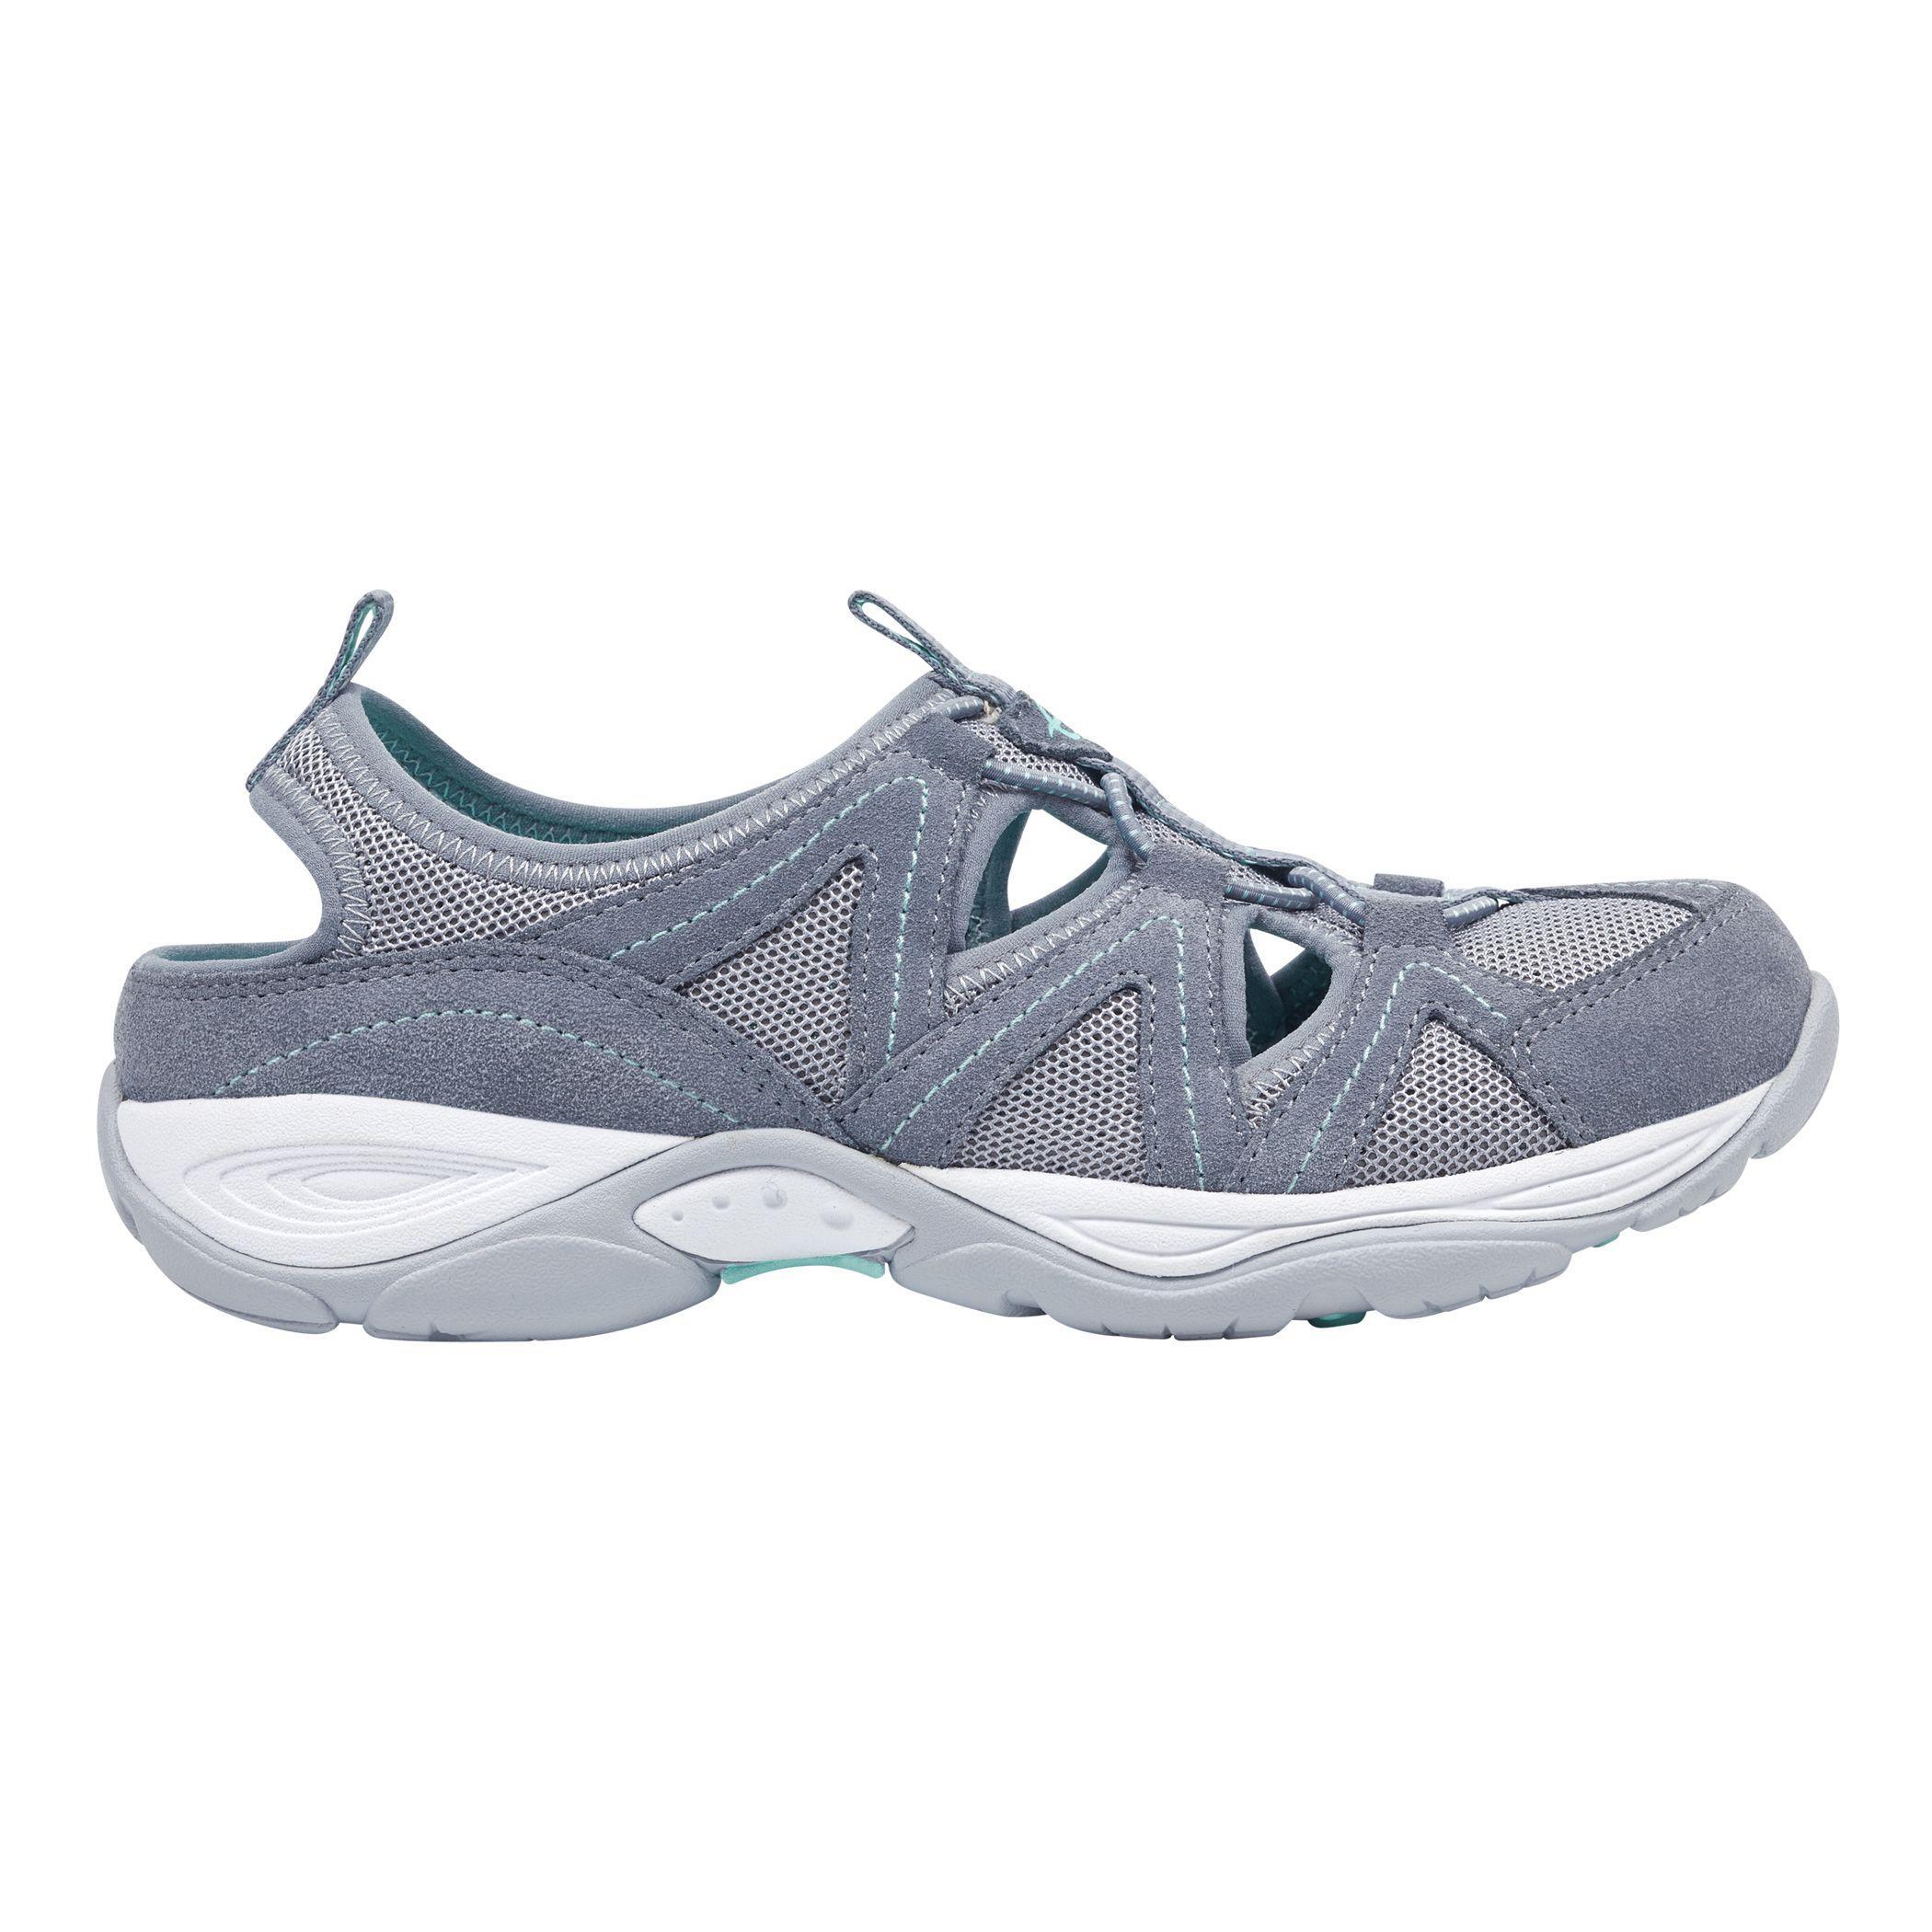 d26a6b22b9c9 Lyst - Easy Spirit Earthen Walking Shoes in Gray